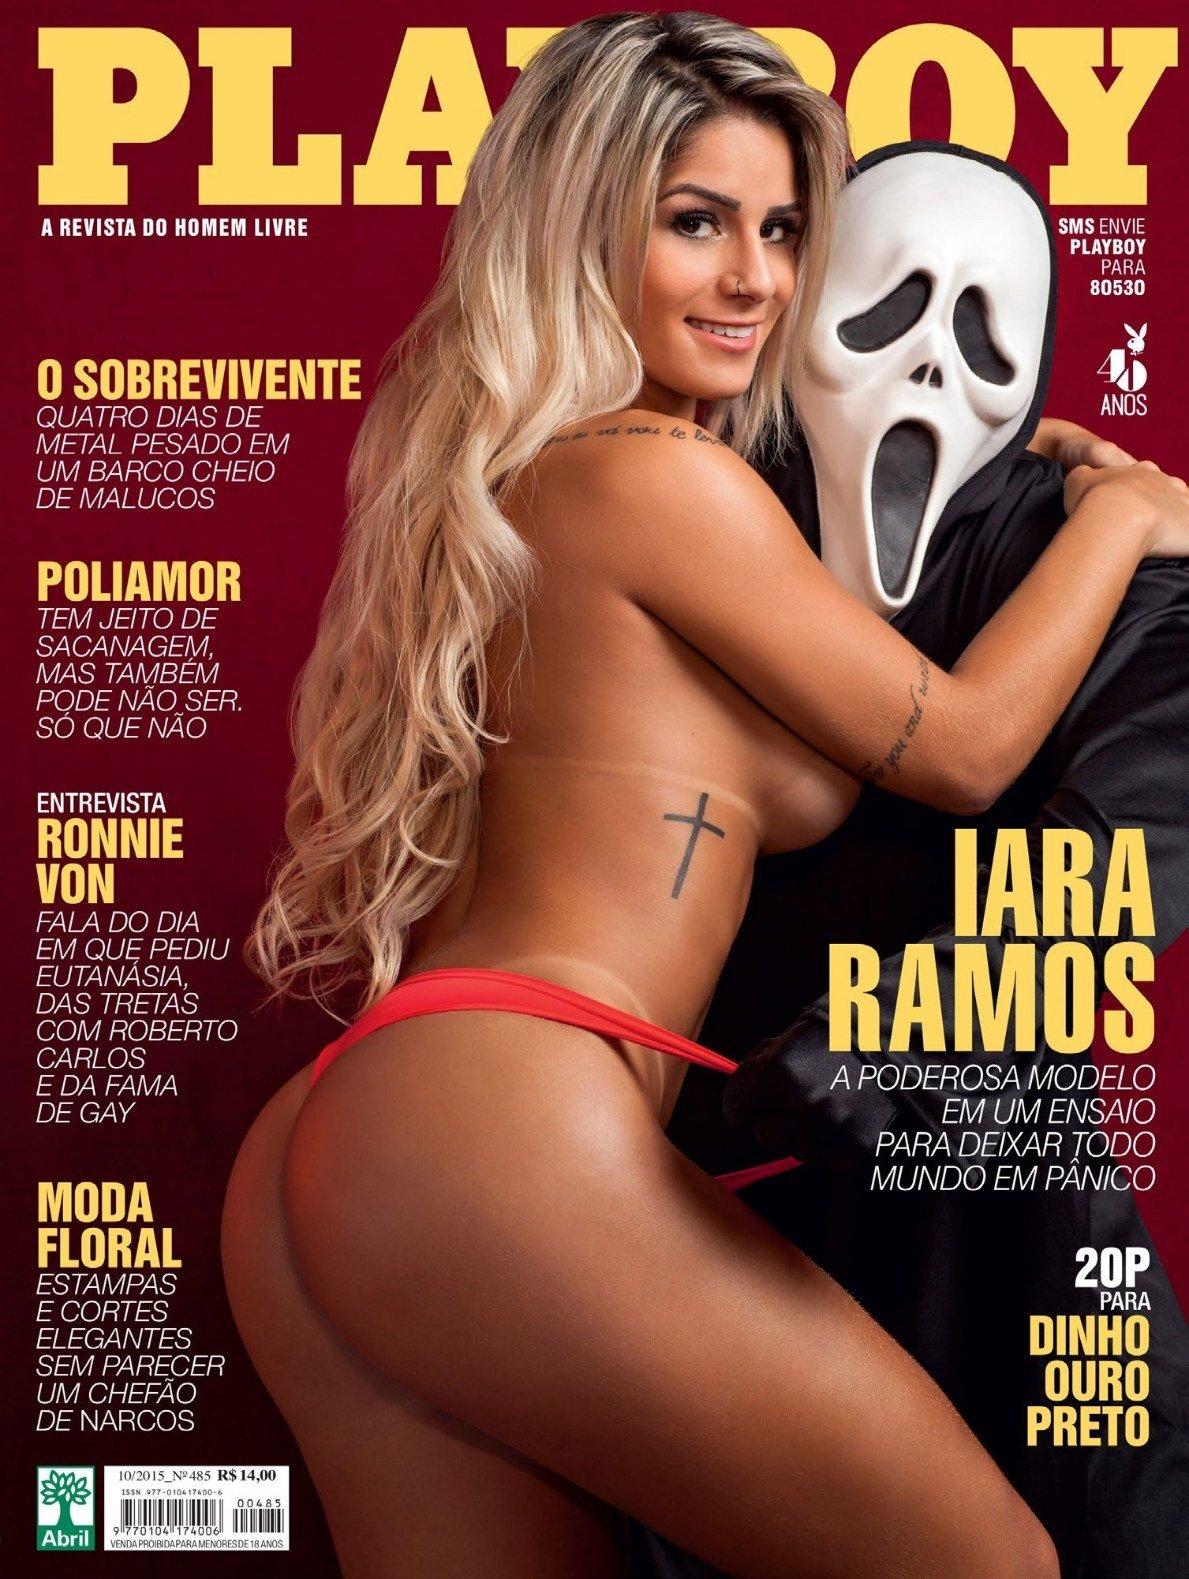 Fotos Playboy Panicat Iara Ramos Outubro (1)